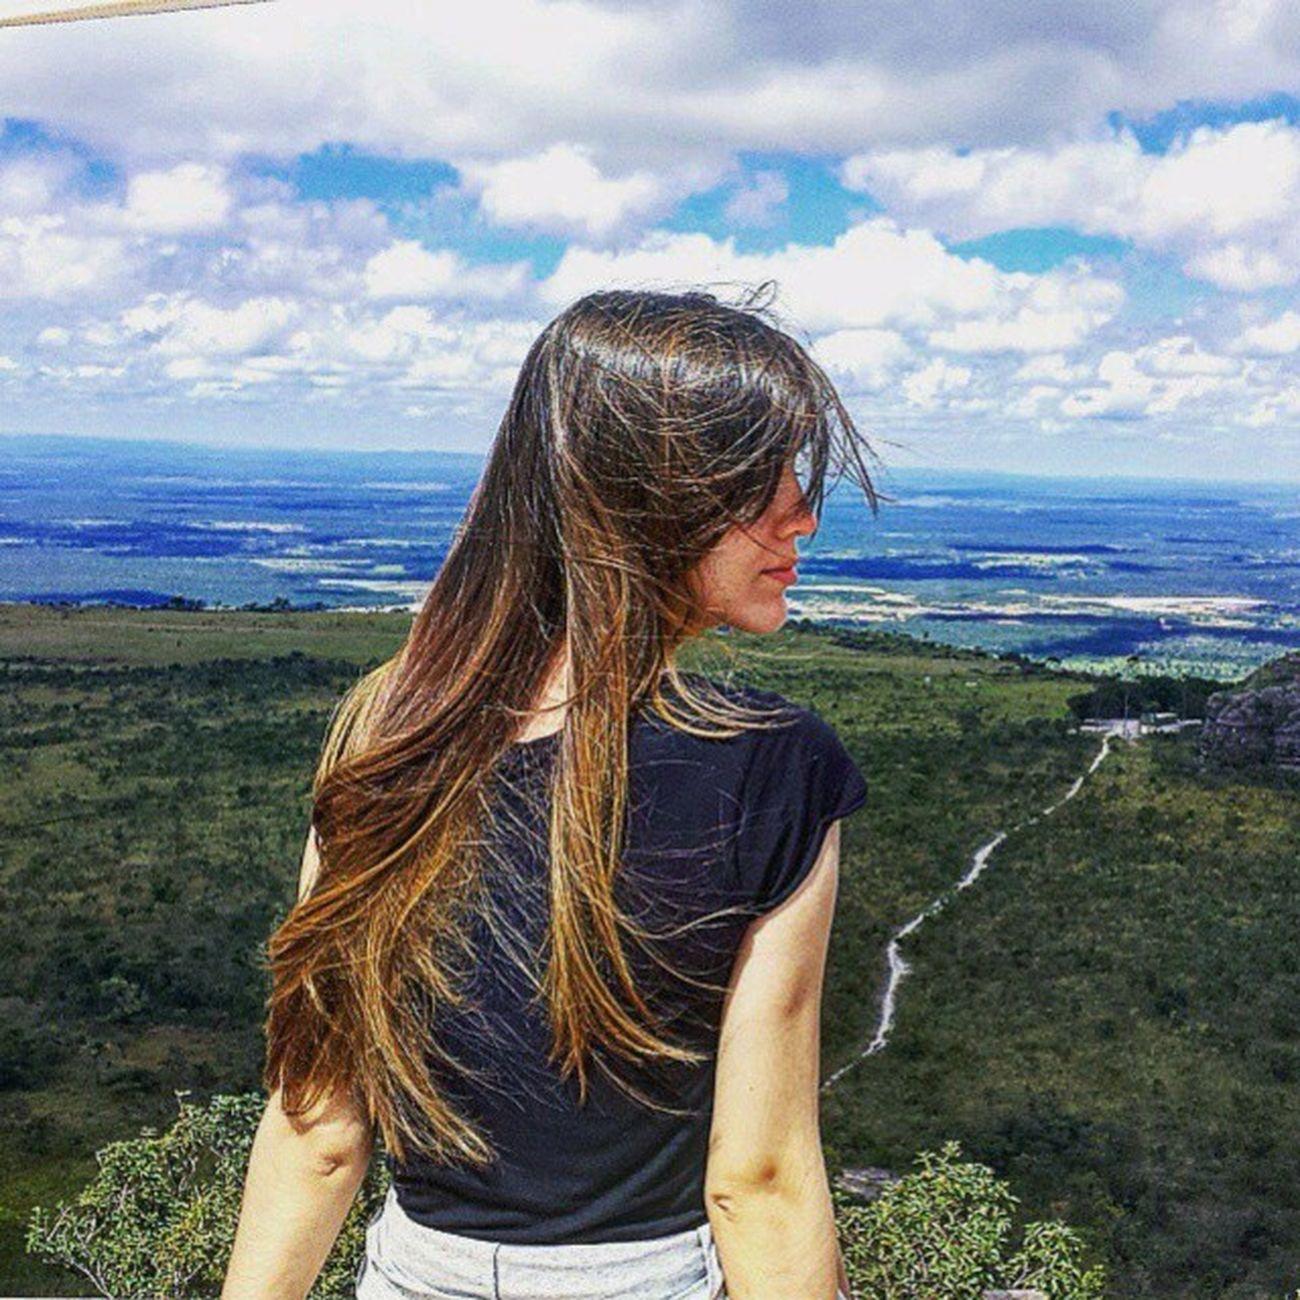 Alto do Céu/Chapada dos Guimarães 💙💚💙 . . Trilheirasdobrasil Ecoturismo VisitBrasil Viagem Loucosporviagens Naturelovers Aquiémt Matagrosso MeuMatoGrosso Vocenomundo Foto: @lu_poiani